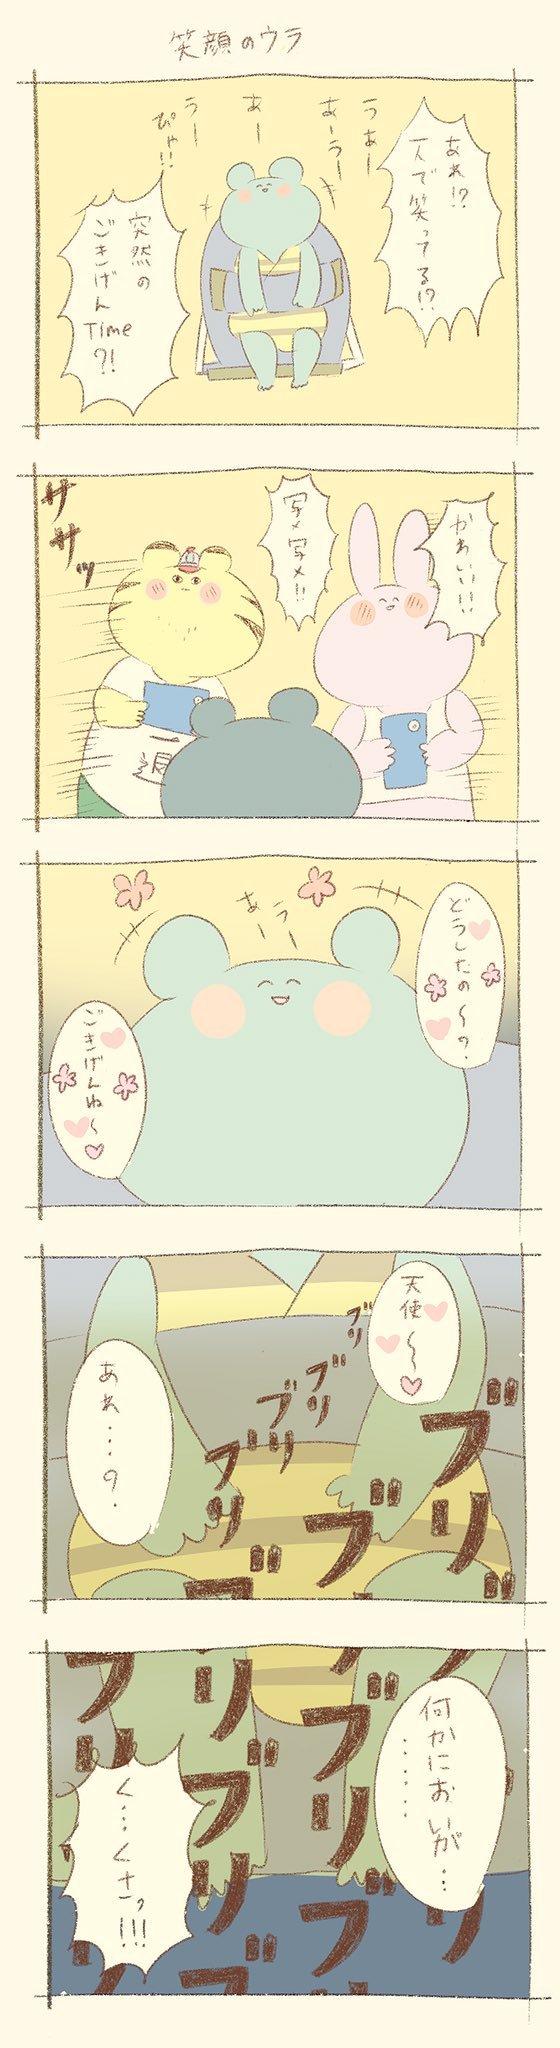 全然泣き止まない...そんな時、このダンスが止められない!?(笑)の画像9